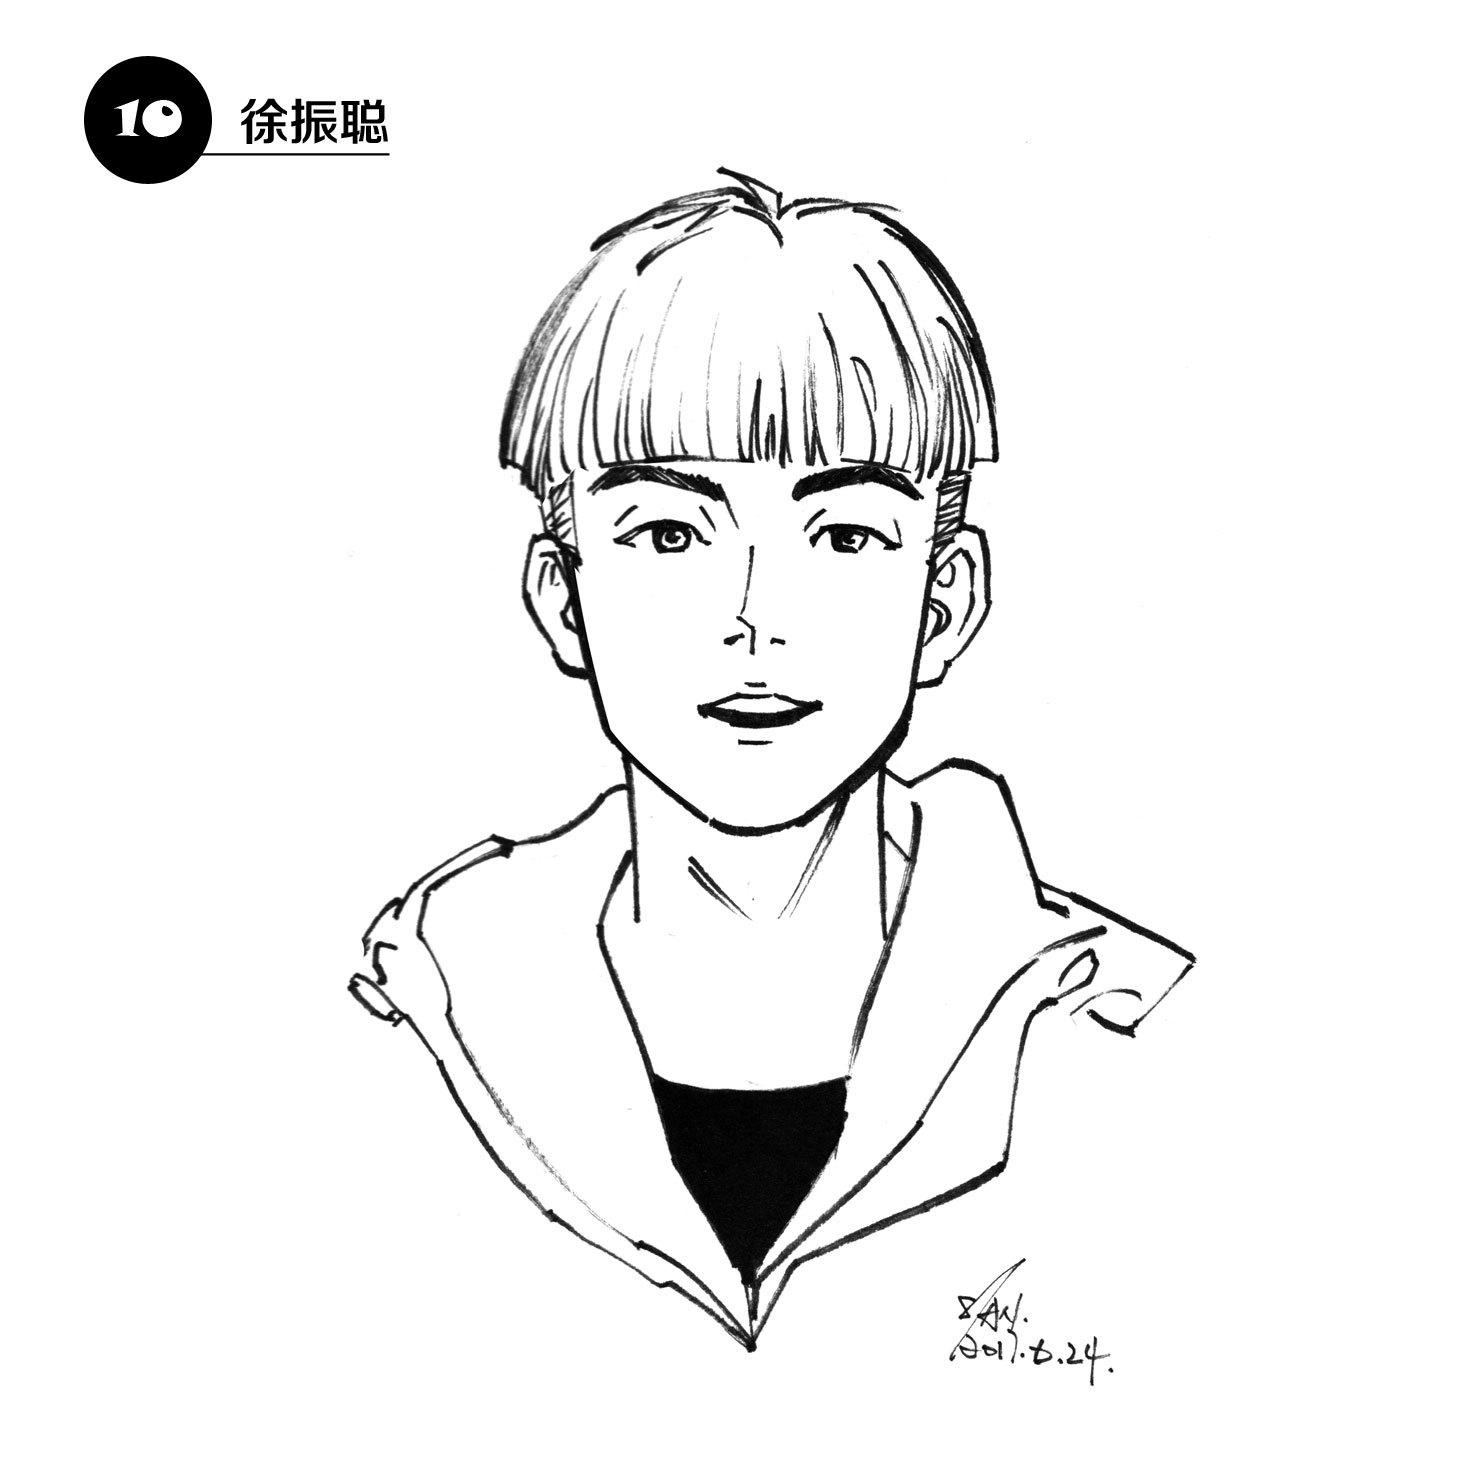 原创人物肖像画集锦2-2017-8-15